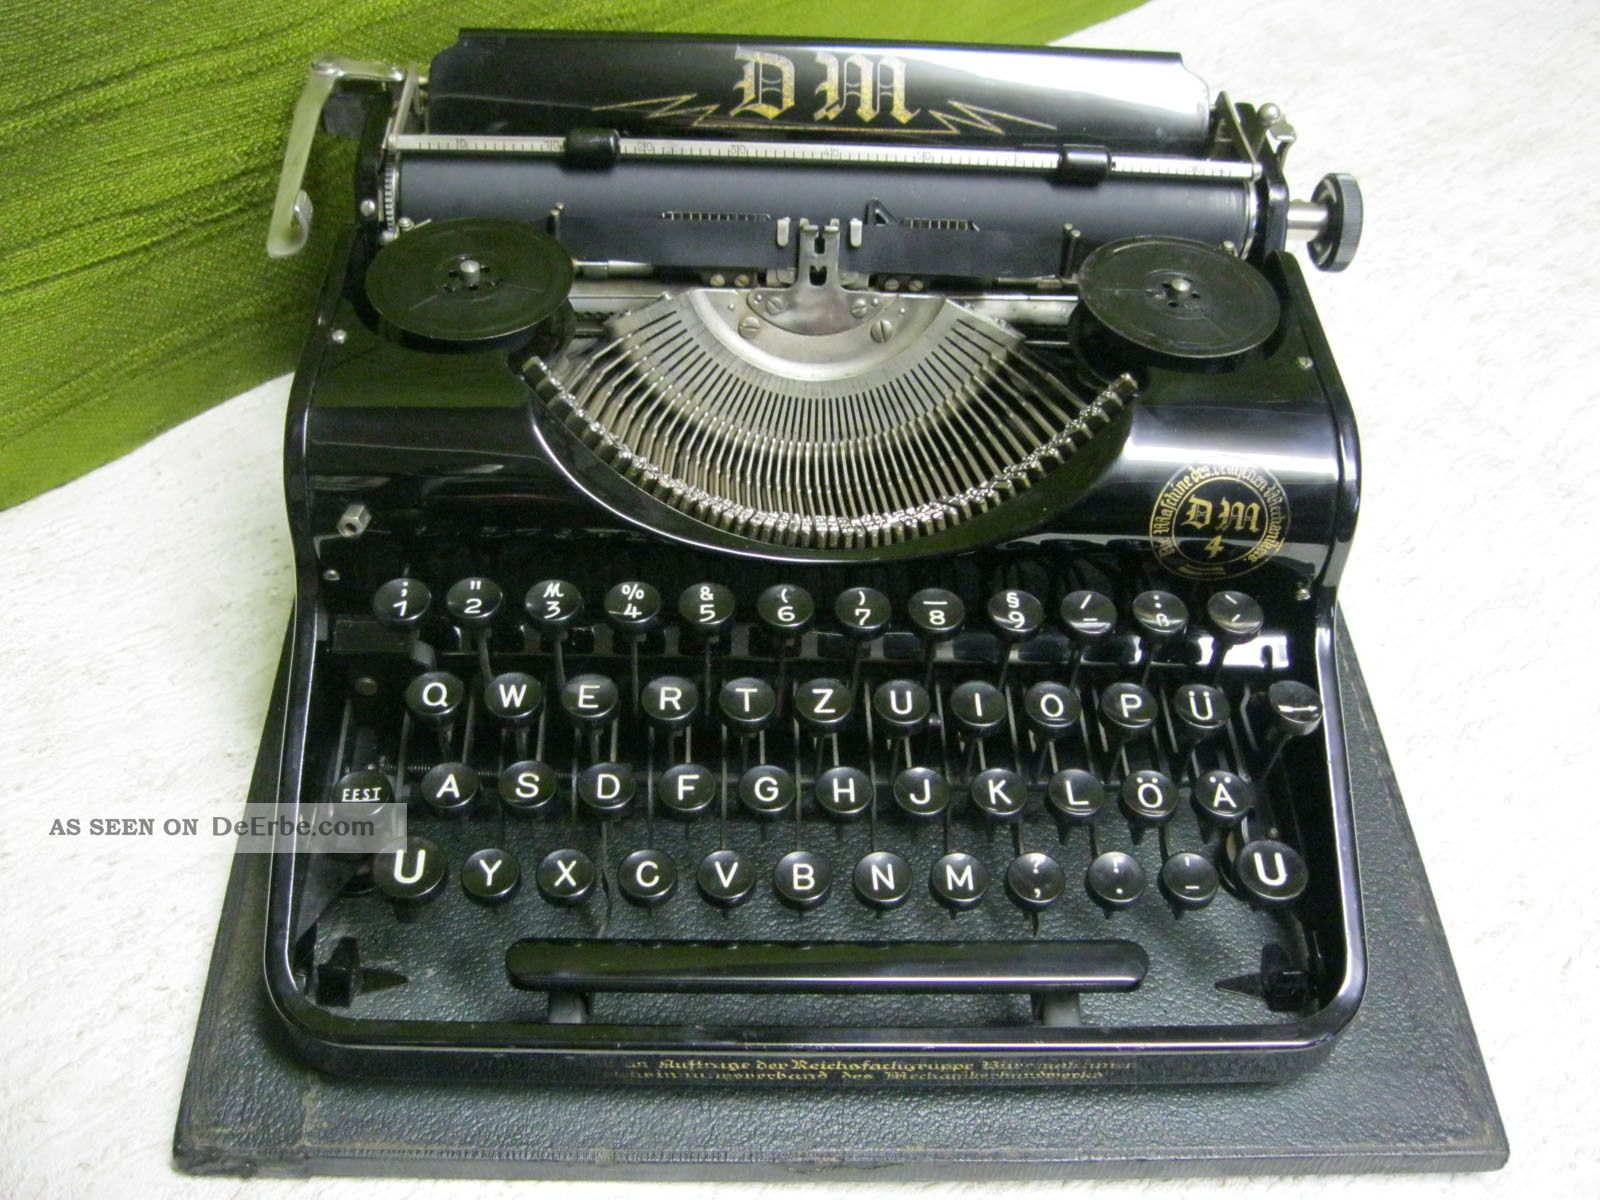 seltene schreibmaschine dm 4 baugl mit olympia simplex. Black Bedroom Furniture Sets. Home Design Ideas